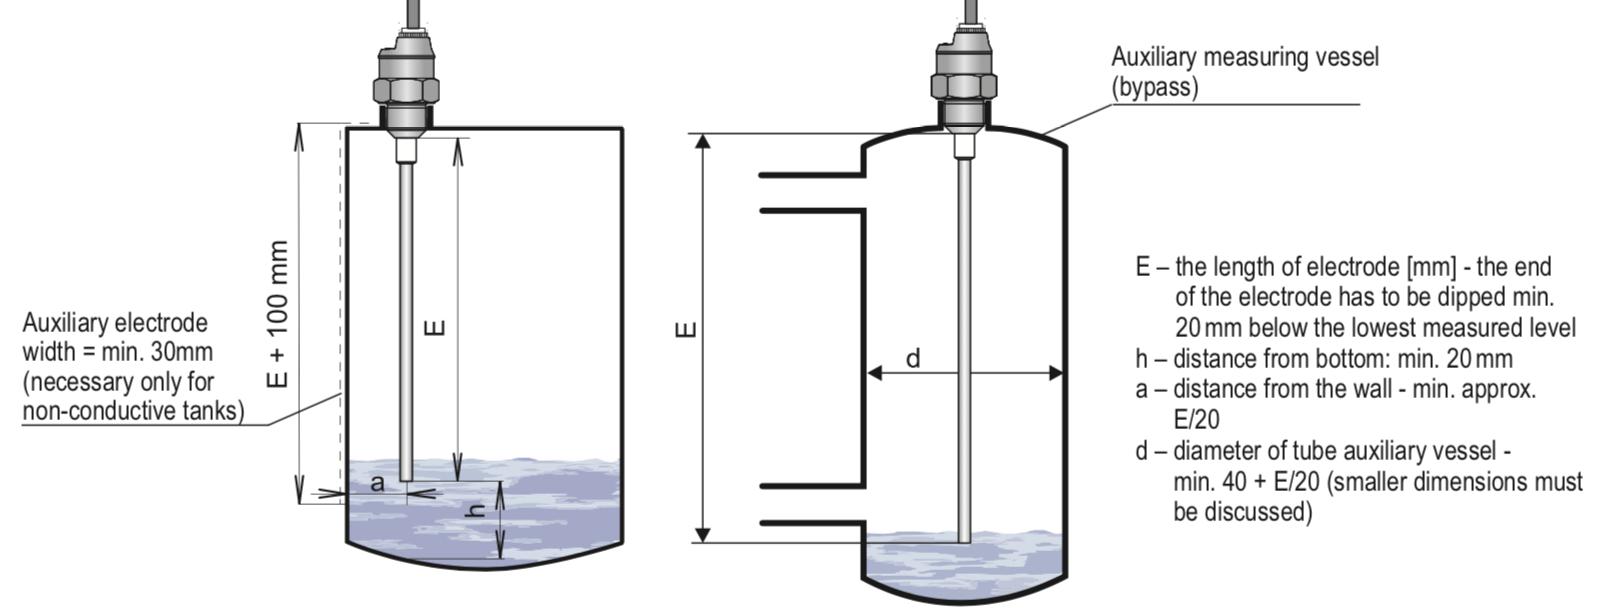 cách lắp đặt cảm biến đo mức nước chiller liên tục 4-20mA